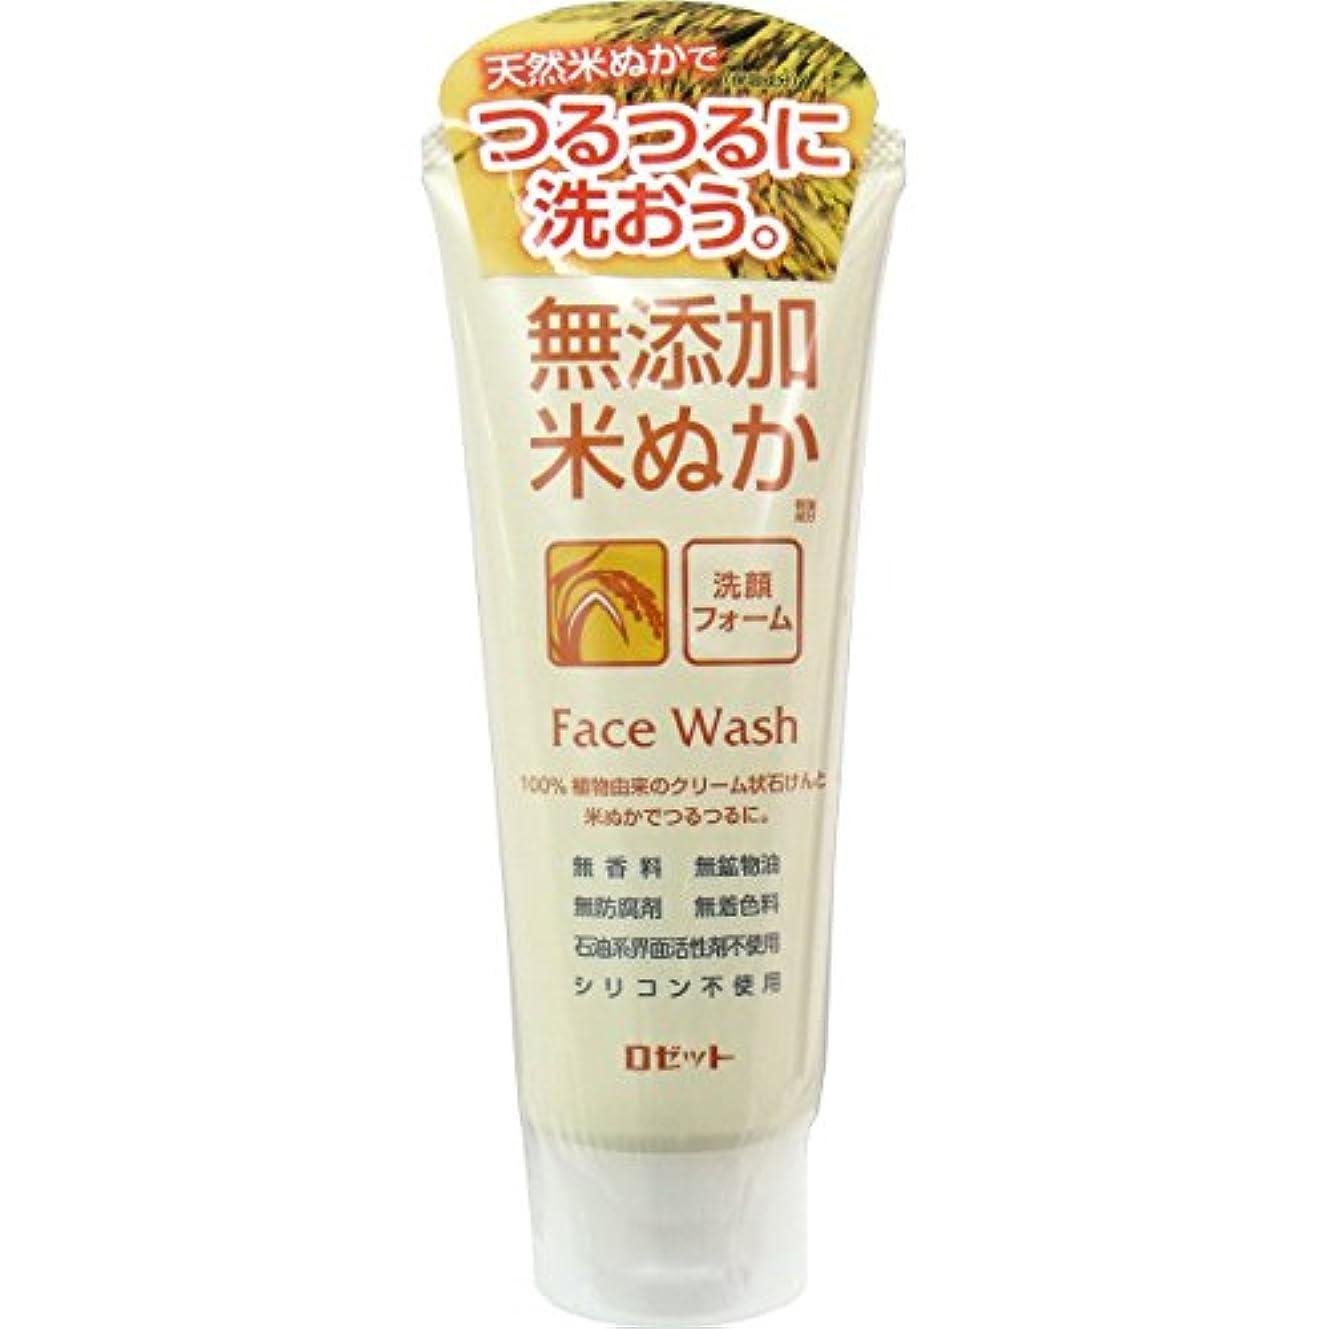 きらきらアジア困惑【ロゼット】無添加米ぬか洗顔フォーム 140g ×20個セット